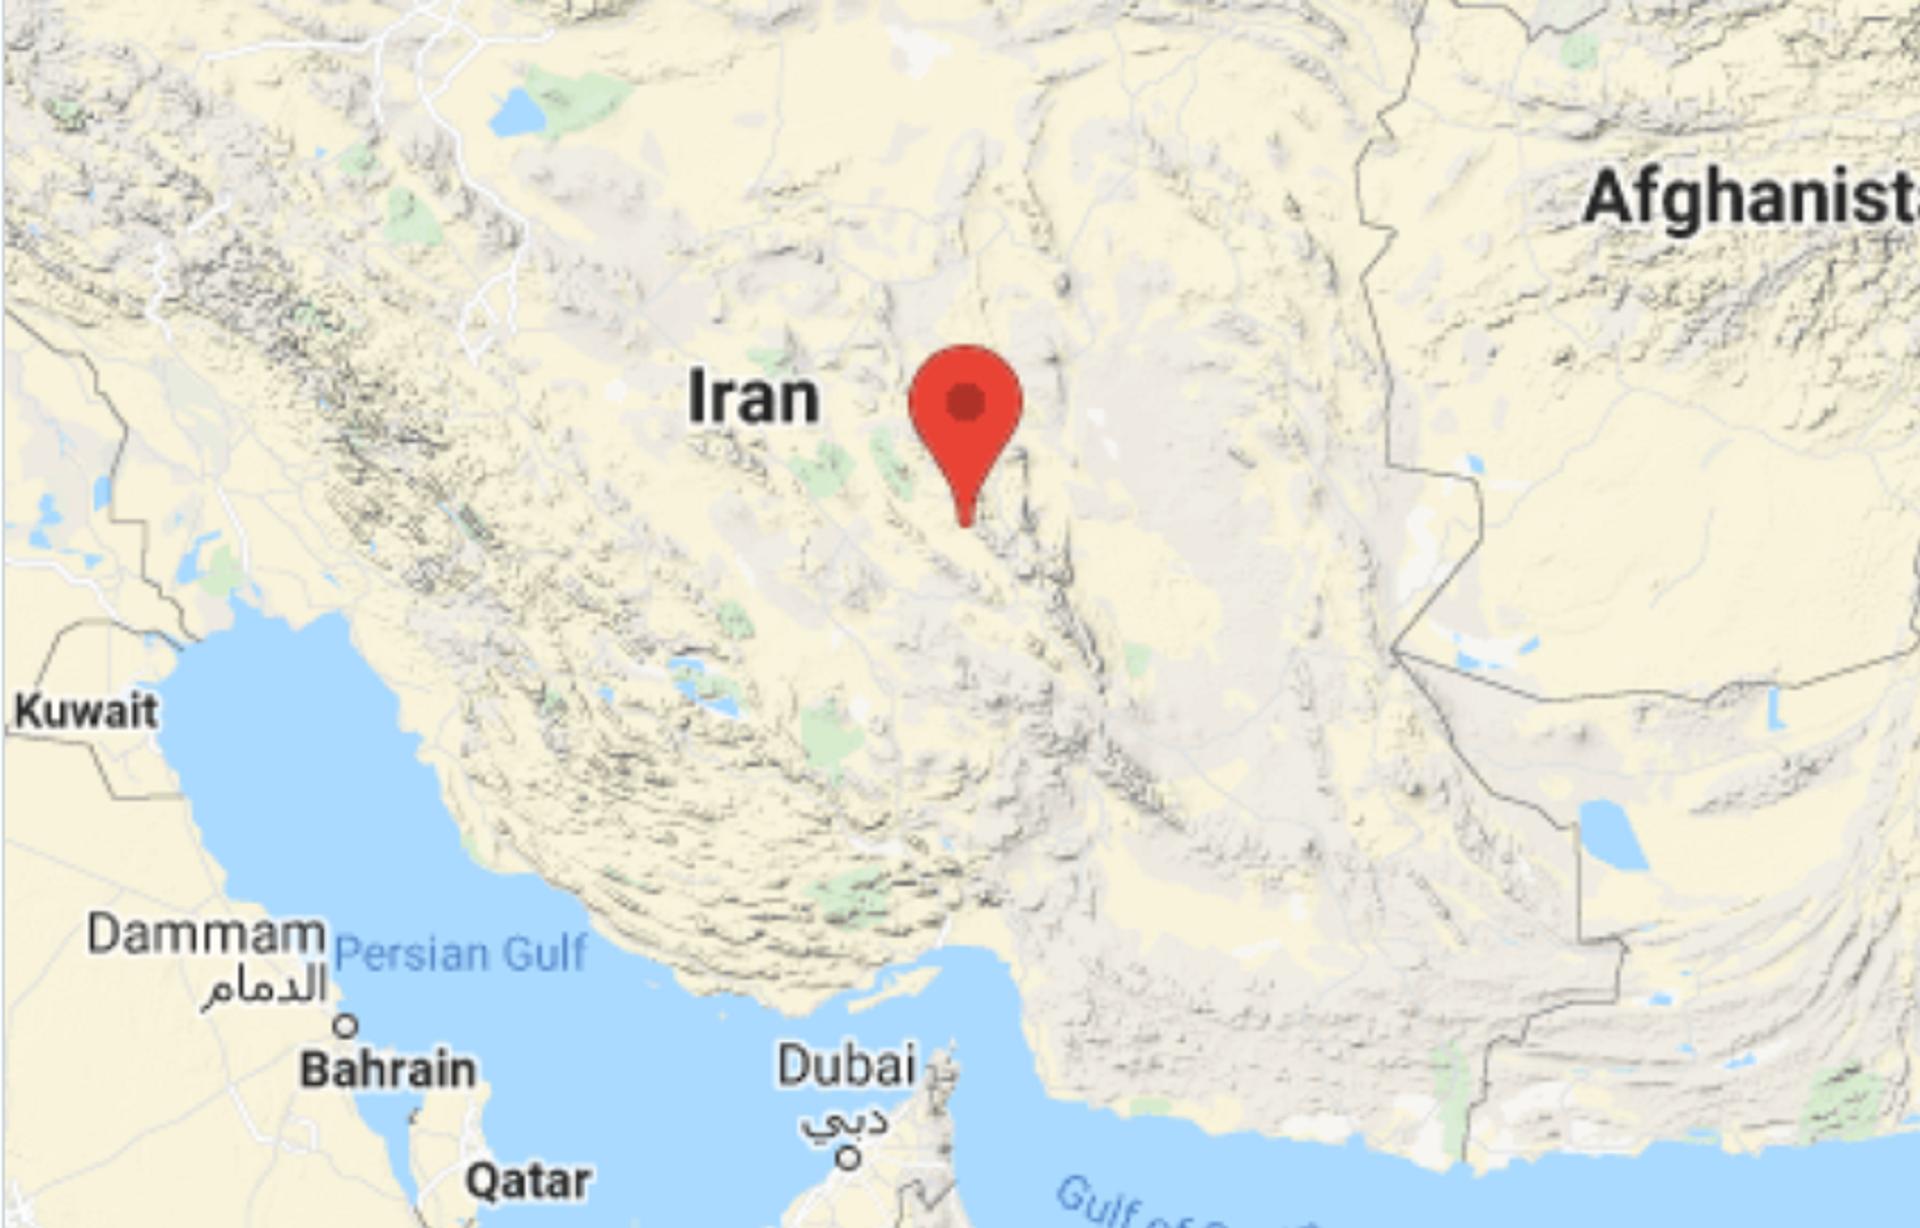 Terremoto in Iran di magnitudo 5.1:«Edifici danneggiati e panico tra la gente». In corso accertamenti sulle vittime